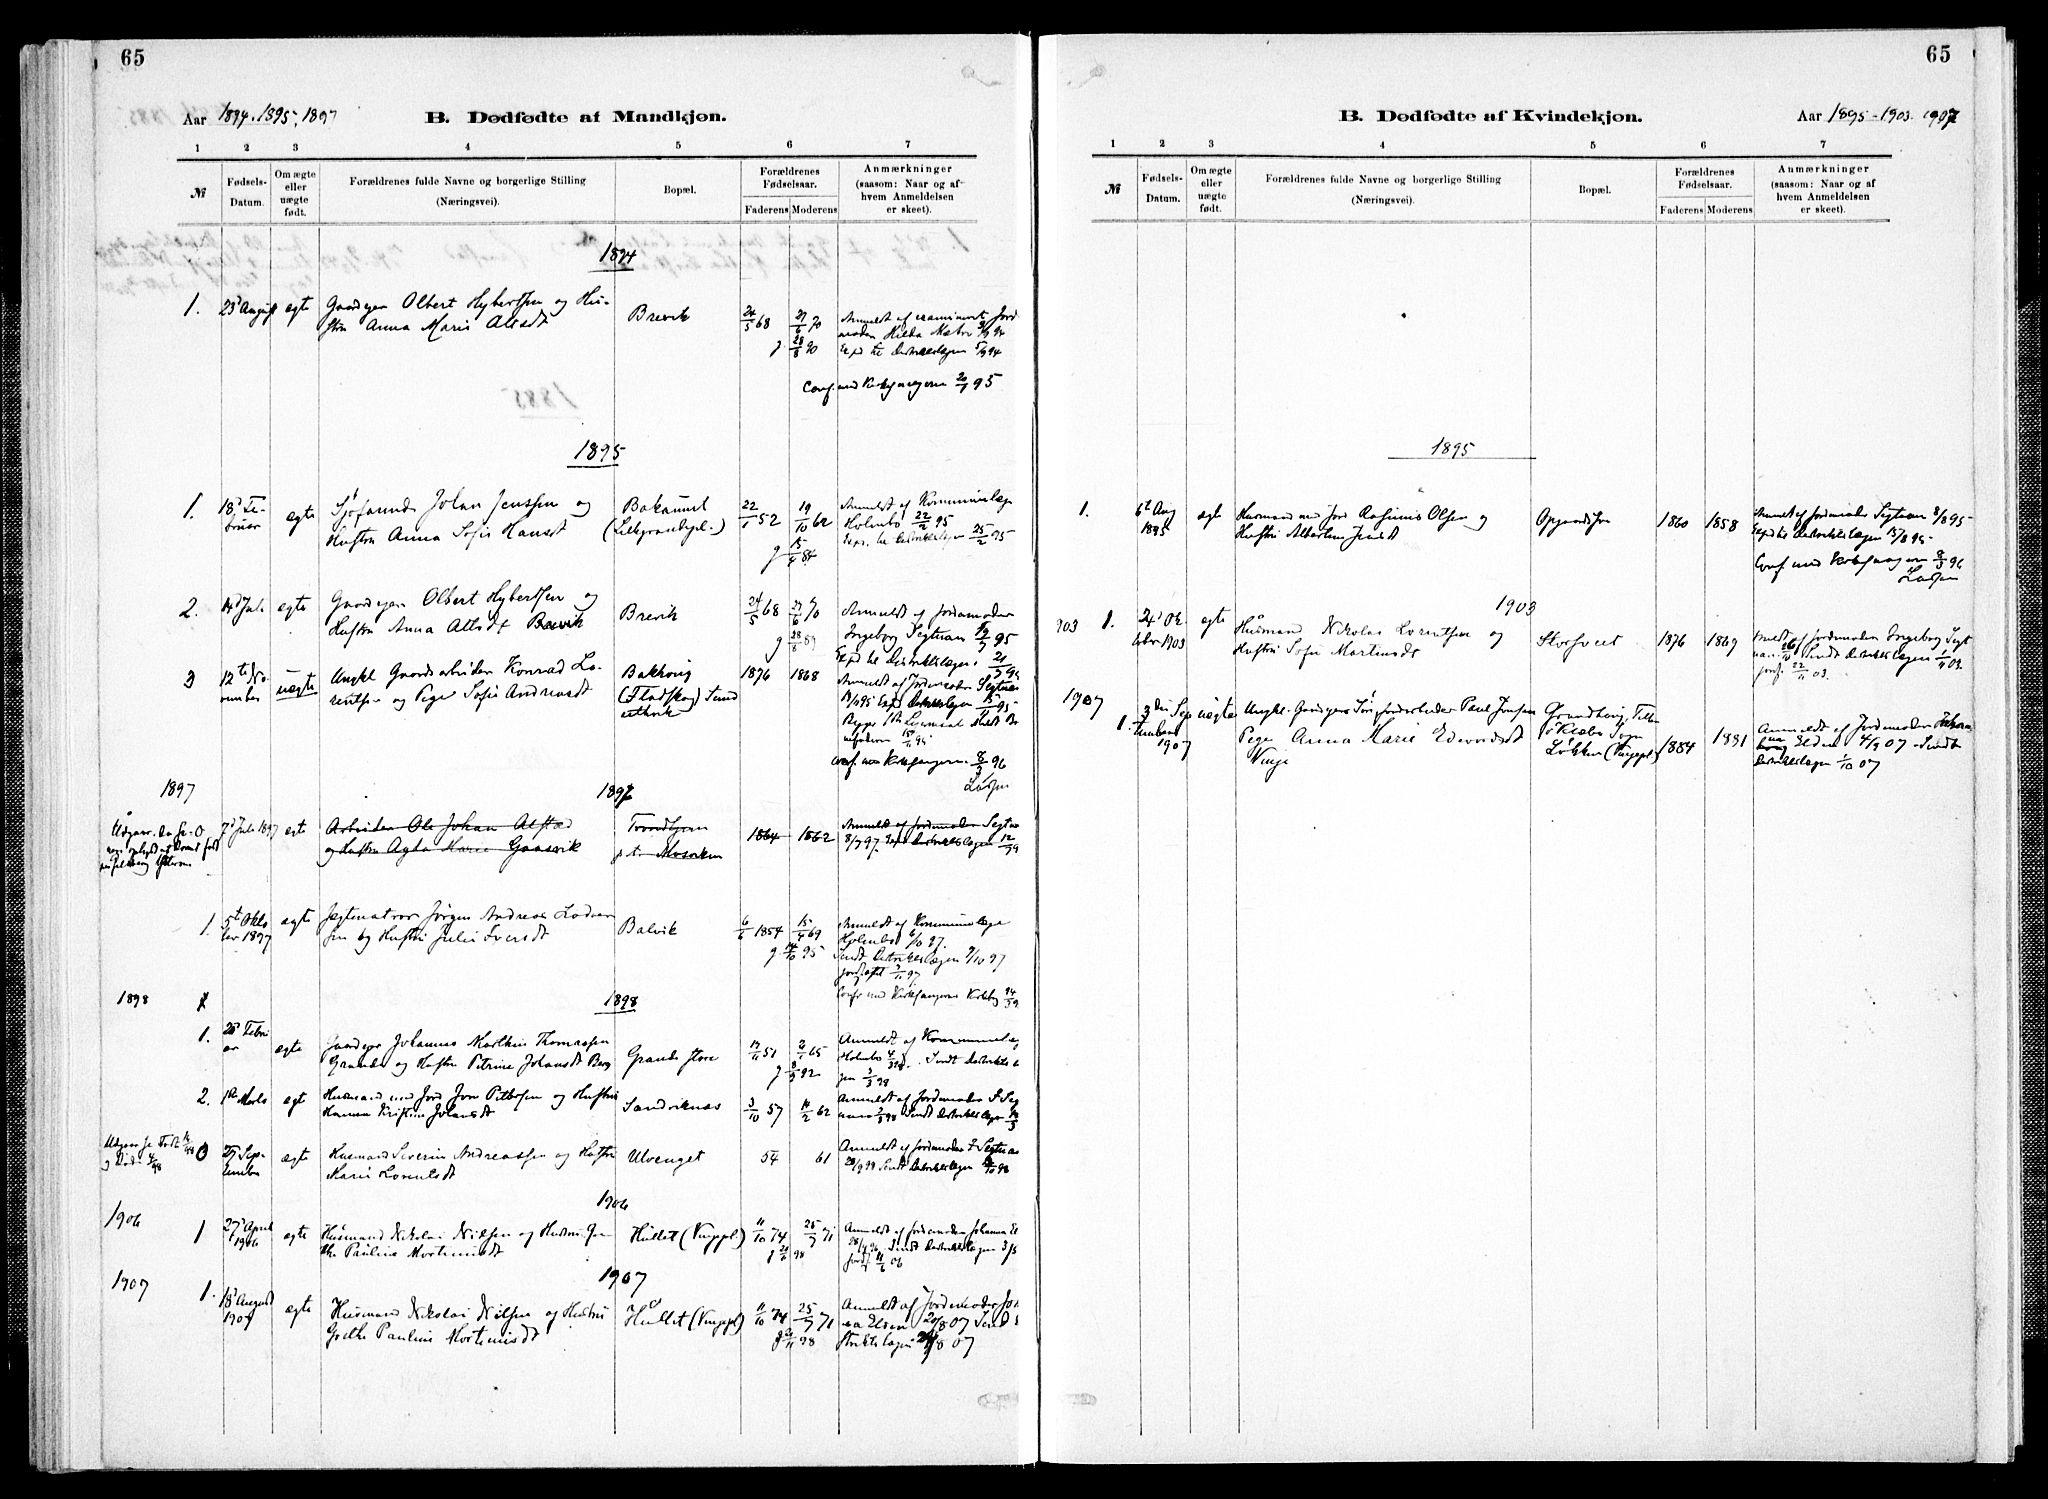 SAT, Ministerialprotokoller, klokkerbøker og fødselsregistre - Nord-Trøndelag, 733/L0325: Ministerialbok nr. 733A04, 1884-1908, s. 65